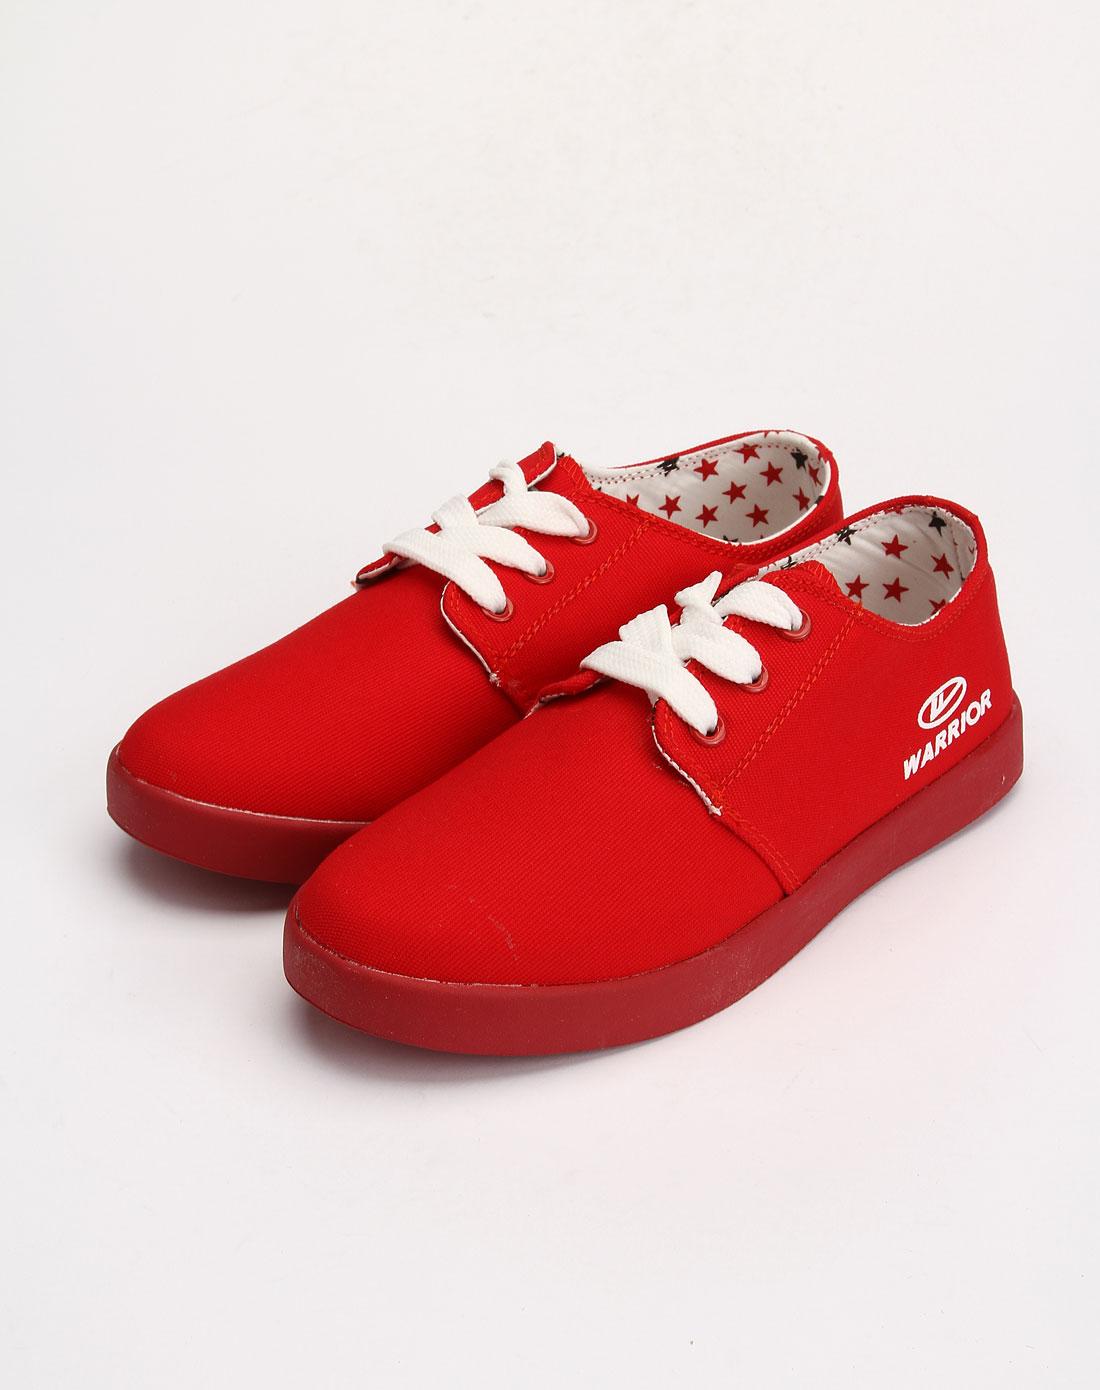 回力warrior男女鞋女款红色时尚系带休闲鞋2265-78